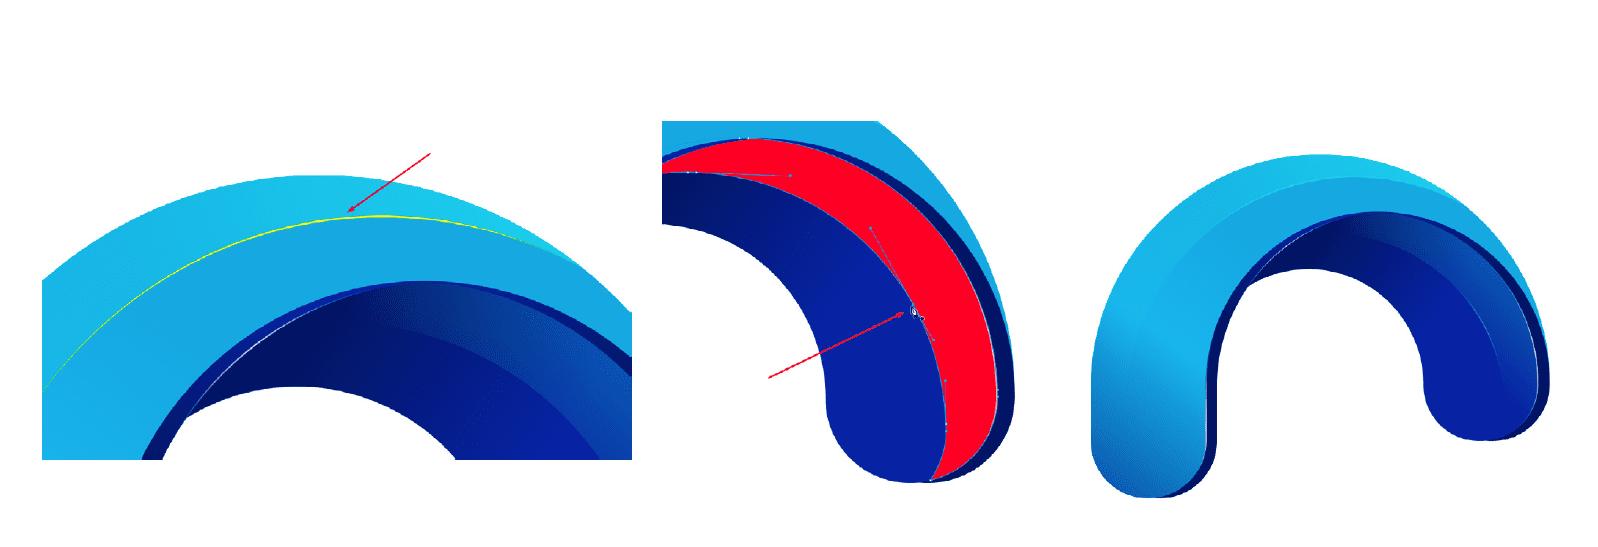 Création De Logo 3D